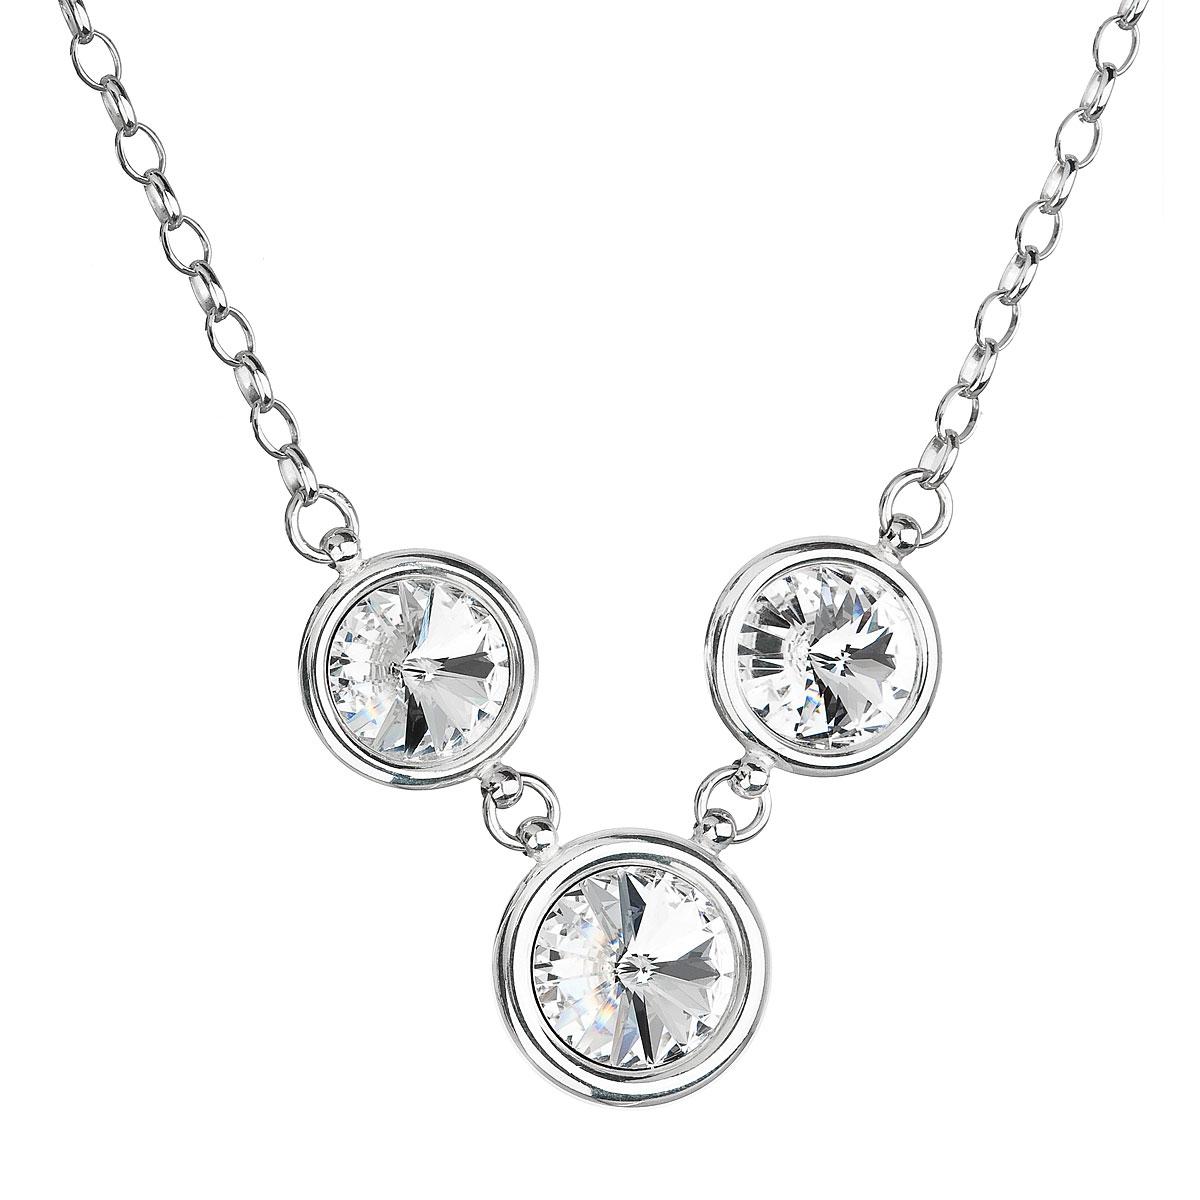 Strieborný náhrdelník s krištáľmi Swarovski biely 32033.1